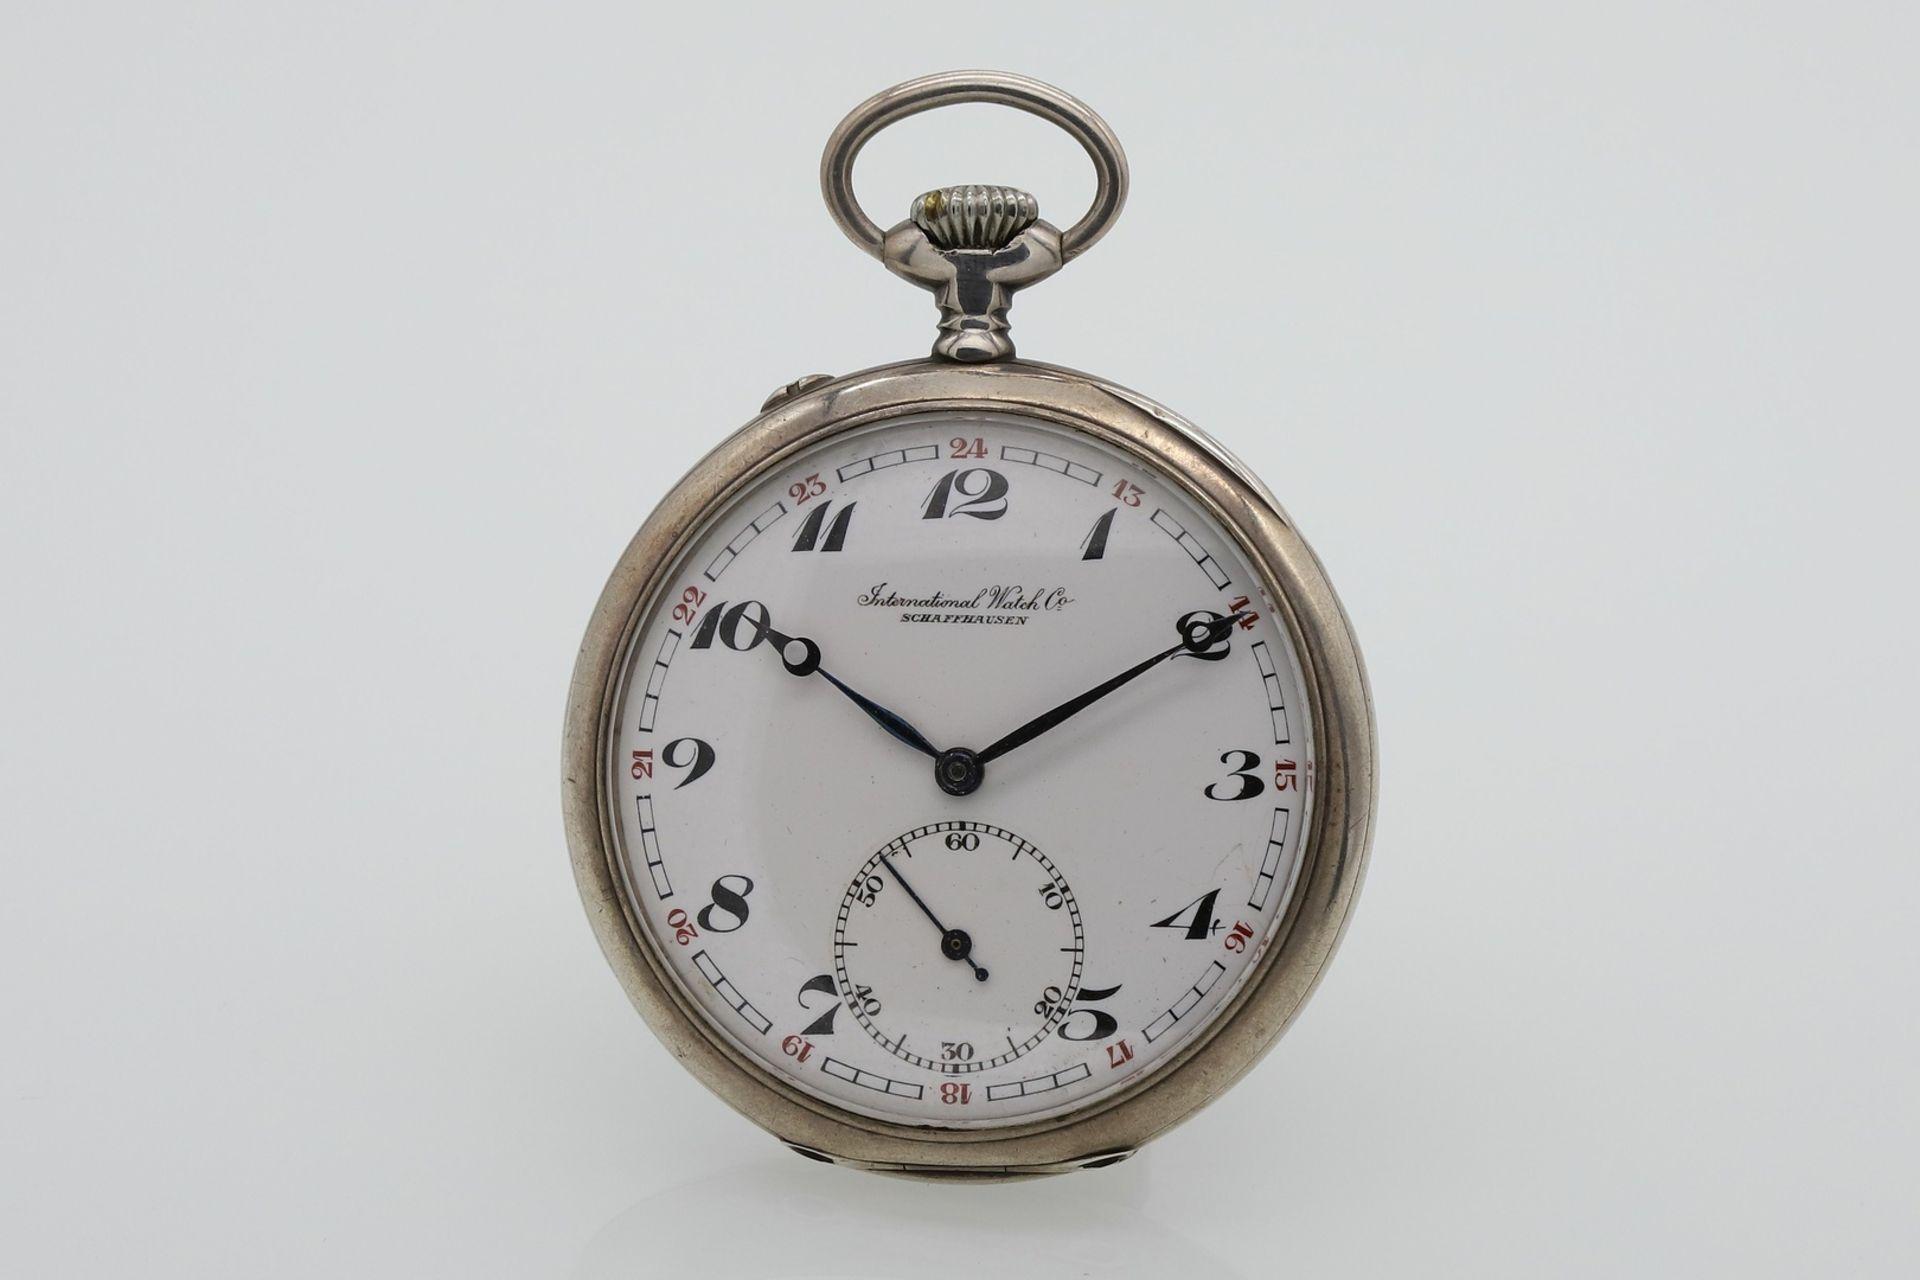 IWC Schaffhausen silberne Taschenuhr, um 1910